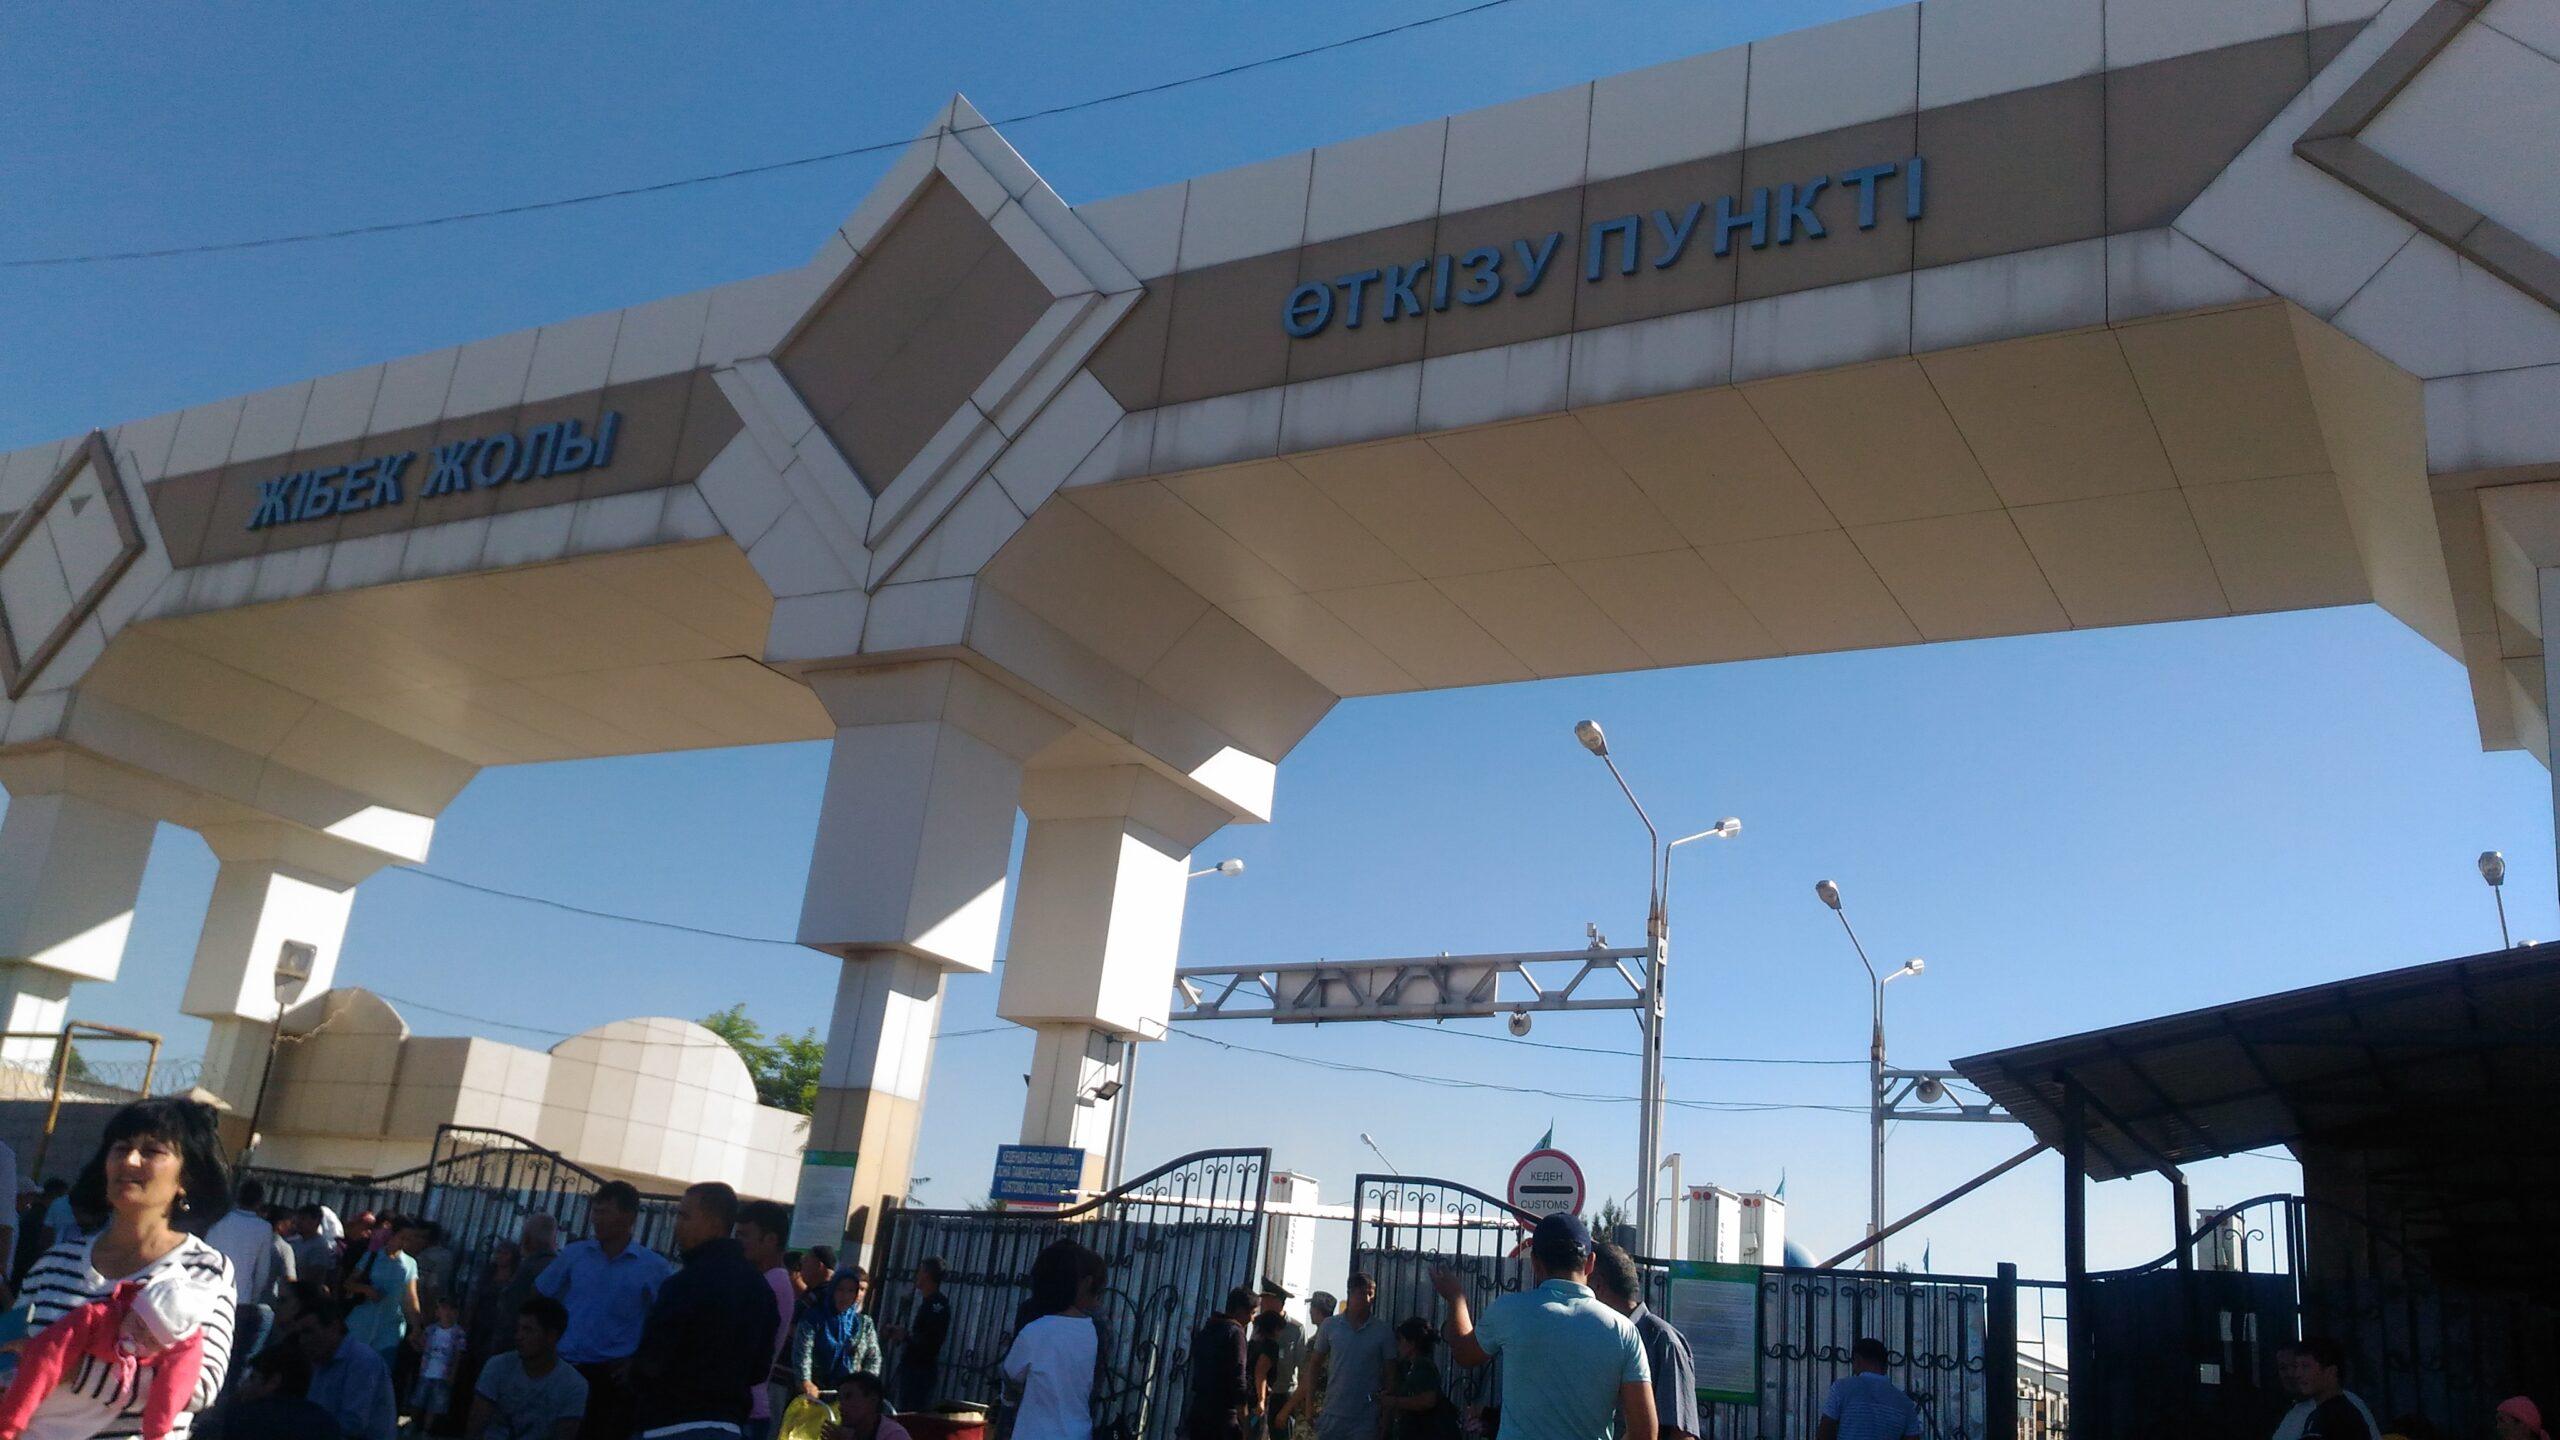 [中央アジア・陸路移動]キルギス・ビシュケクからカザフスタン経由でウズベキスタン・タシケントへ約1700円で陸路移動